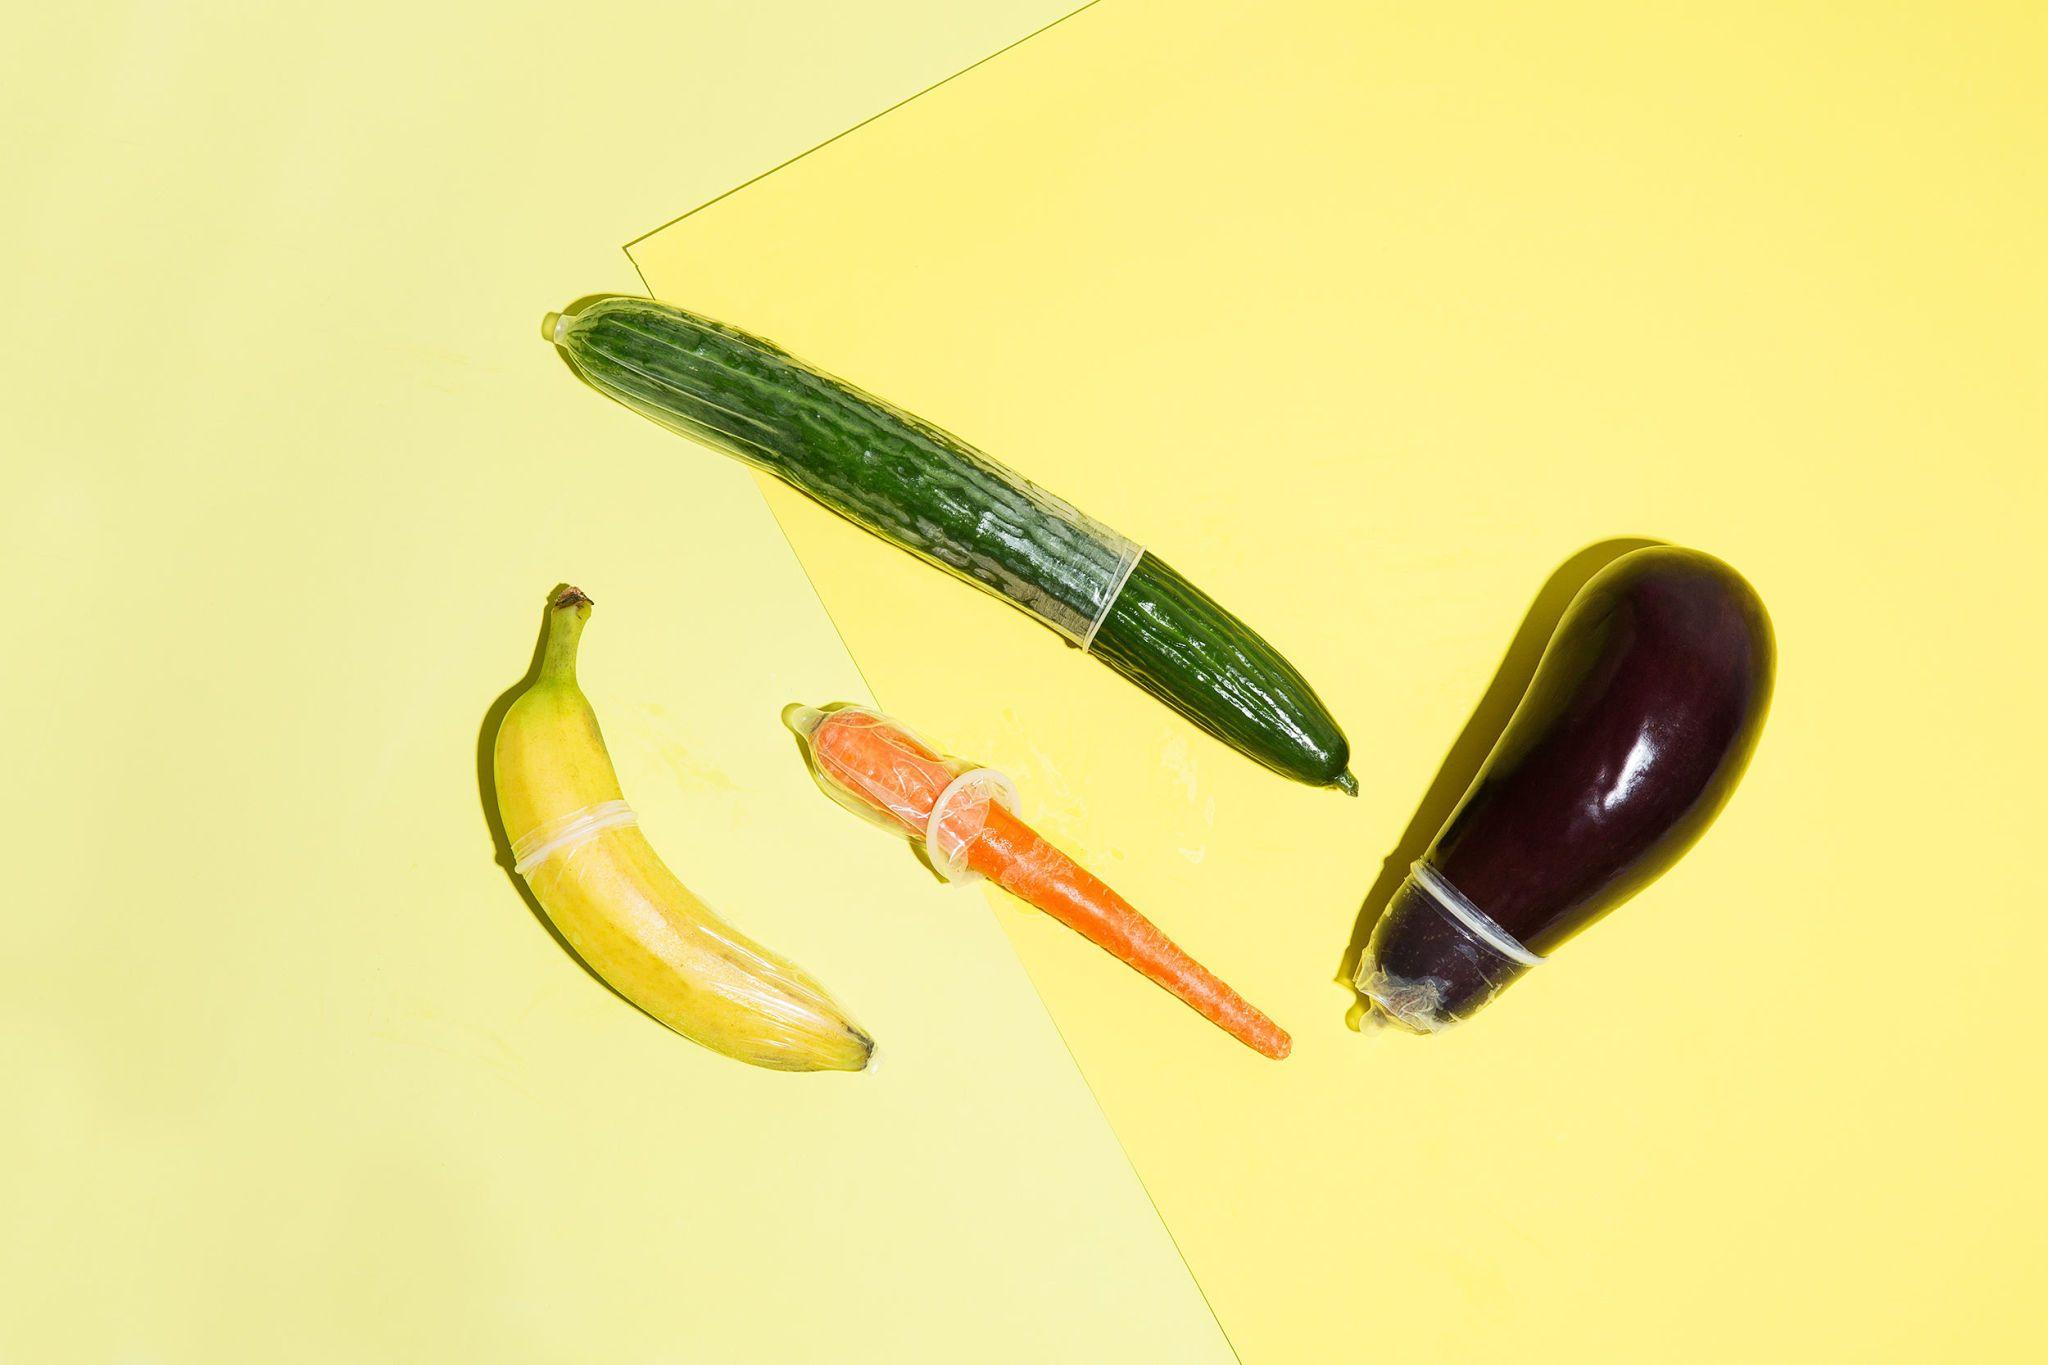 Ftv hot girls masturbating with dildo